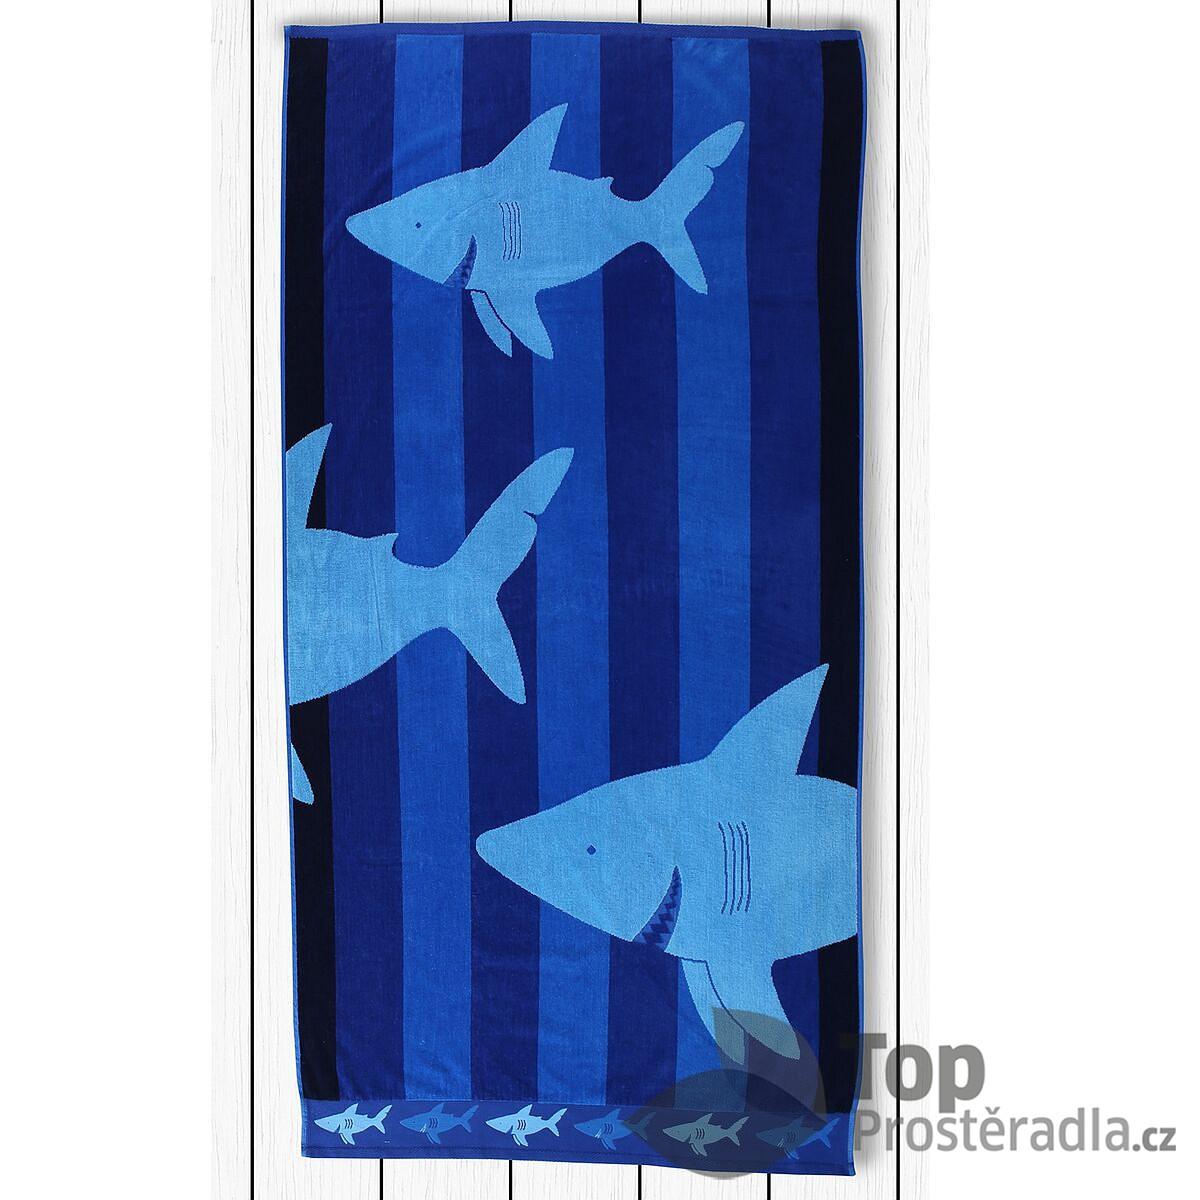 TOP Plážová osuška BEACH 90x180 Sharky